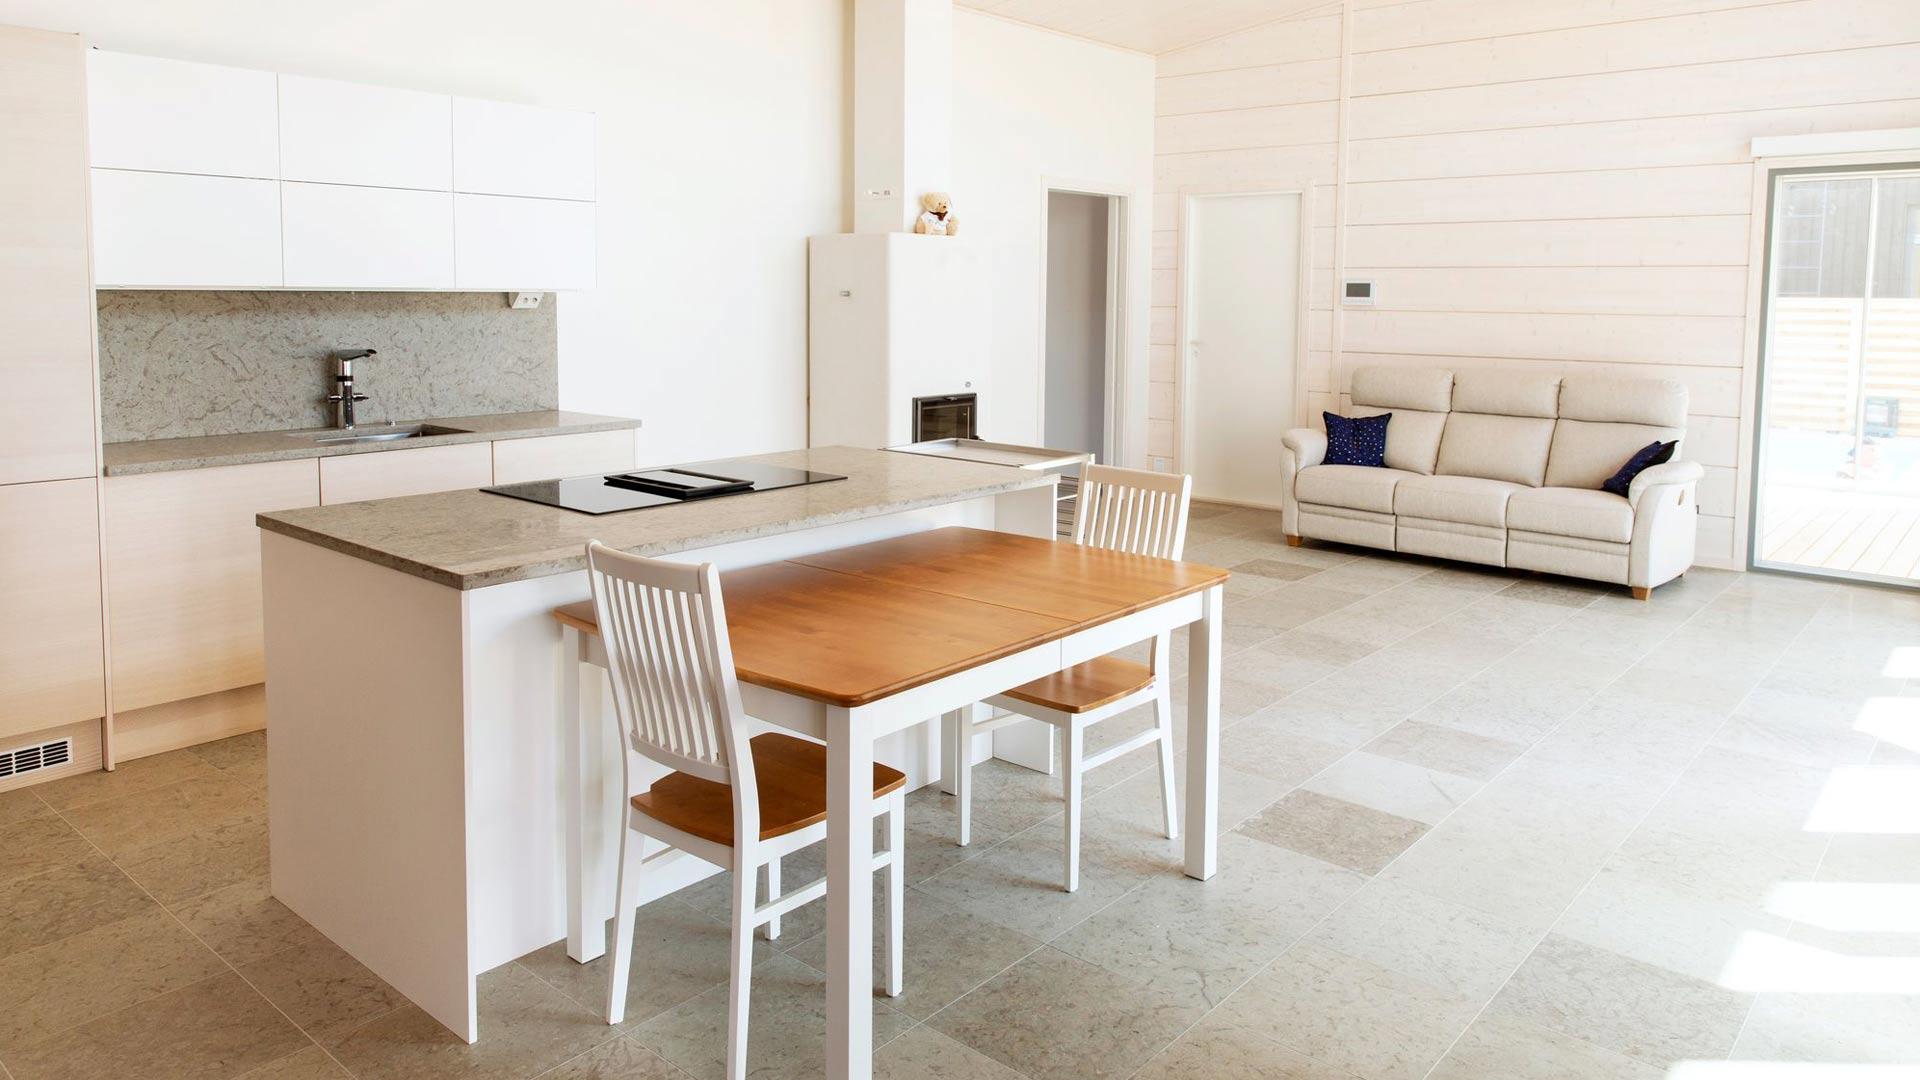 Keittiö ja olohuone ovat samassa tilassa, mikä tekee kodista helppokulkuisen. Integroitujen kodinlaitteiden käyttö jännitti Briittaa etukäteen.